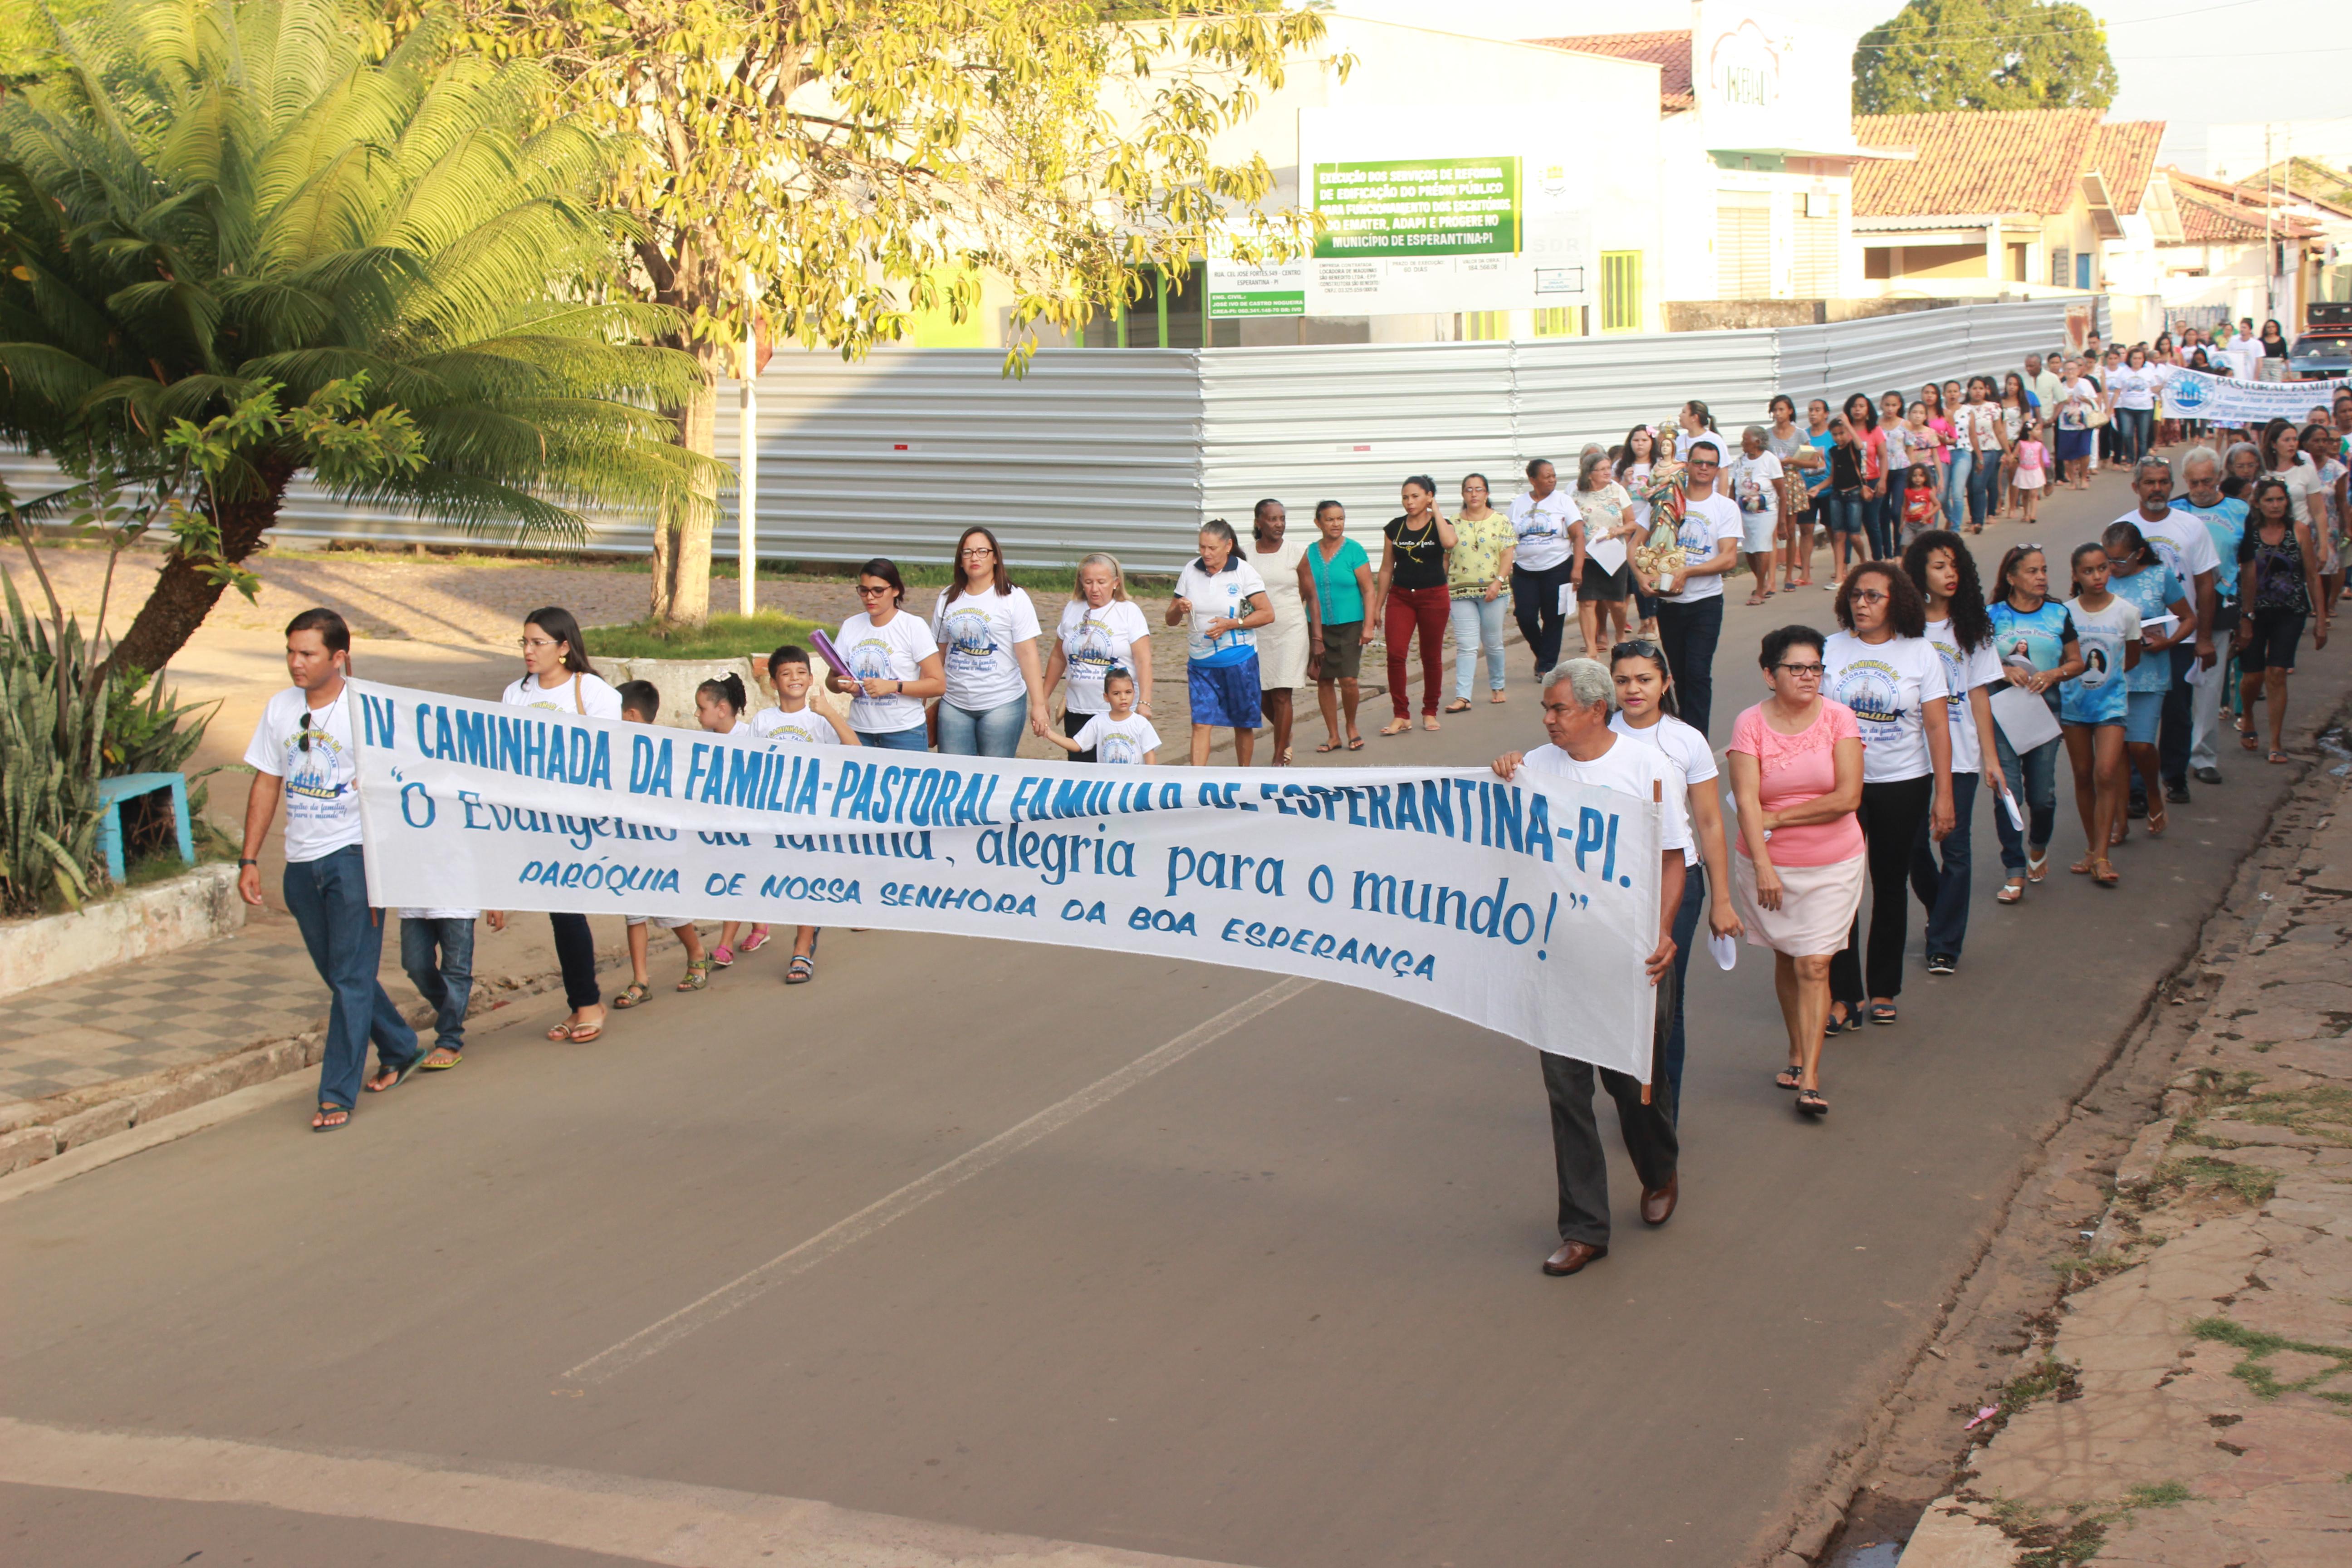 Pastoral Familiar de Esperantina está realizando encontros alusivos a Semana Nacional da Família